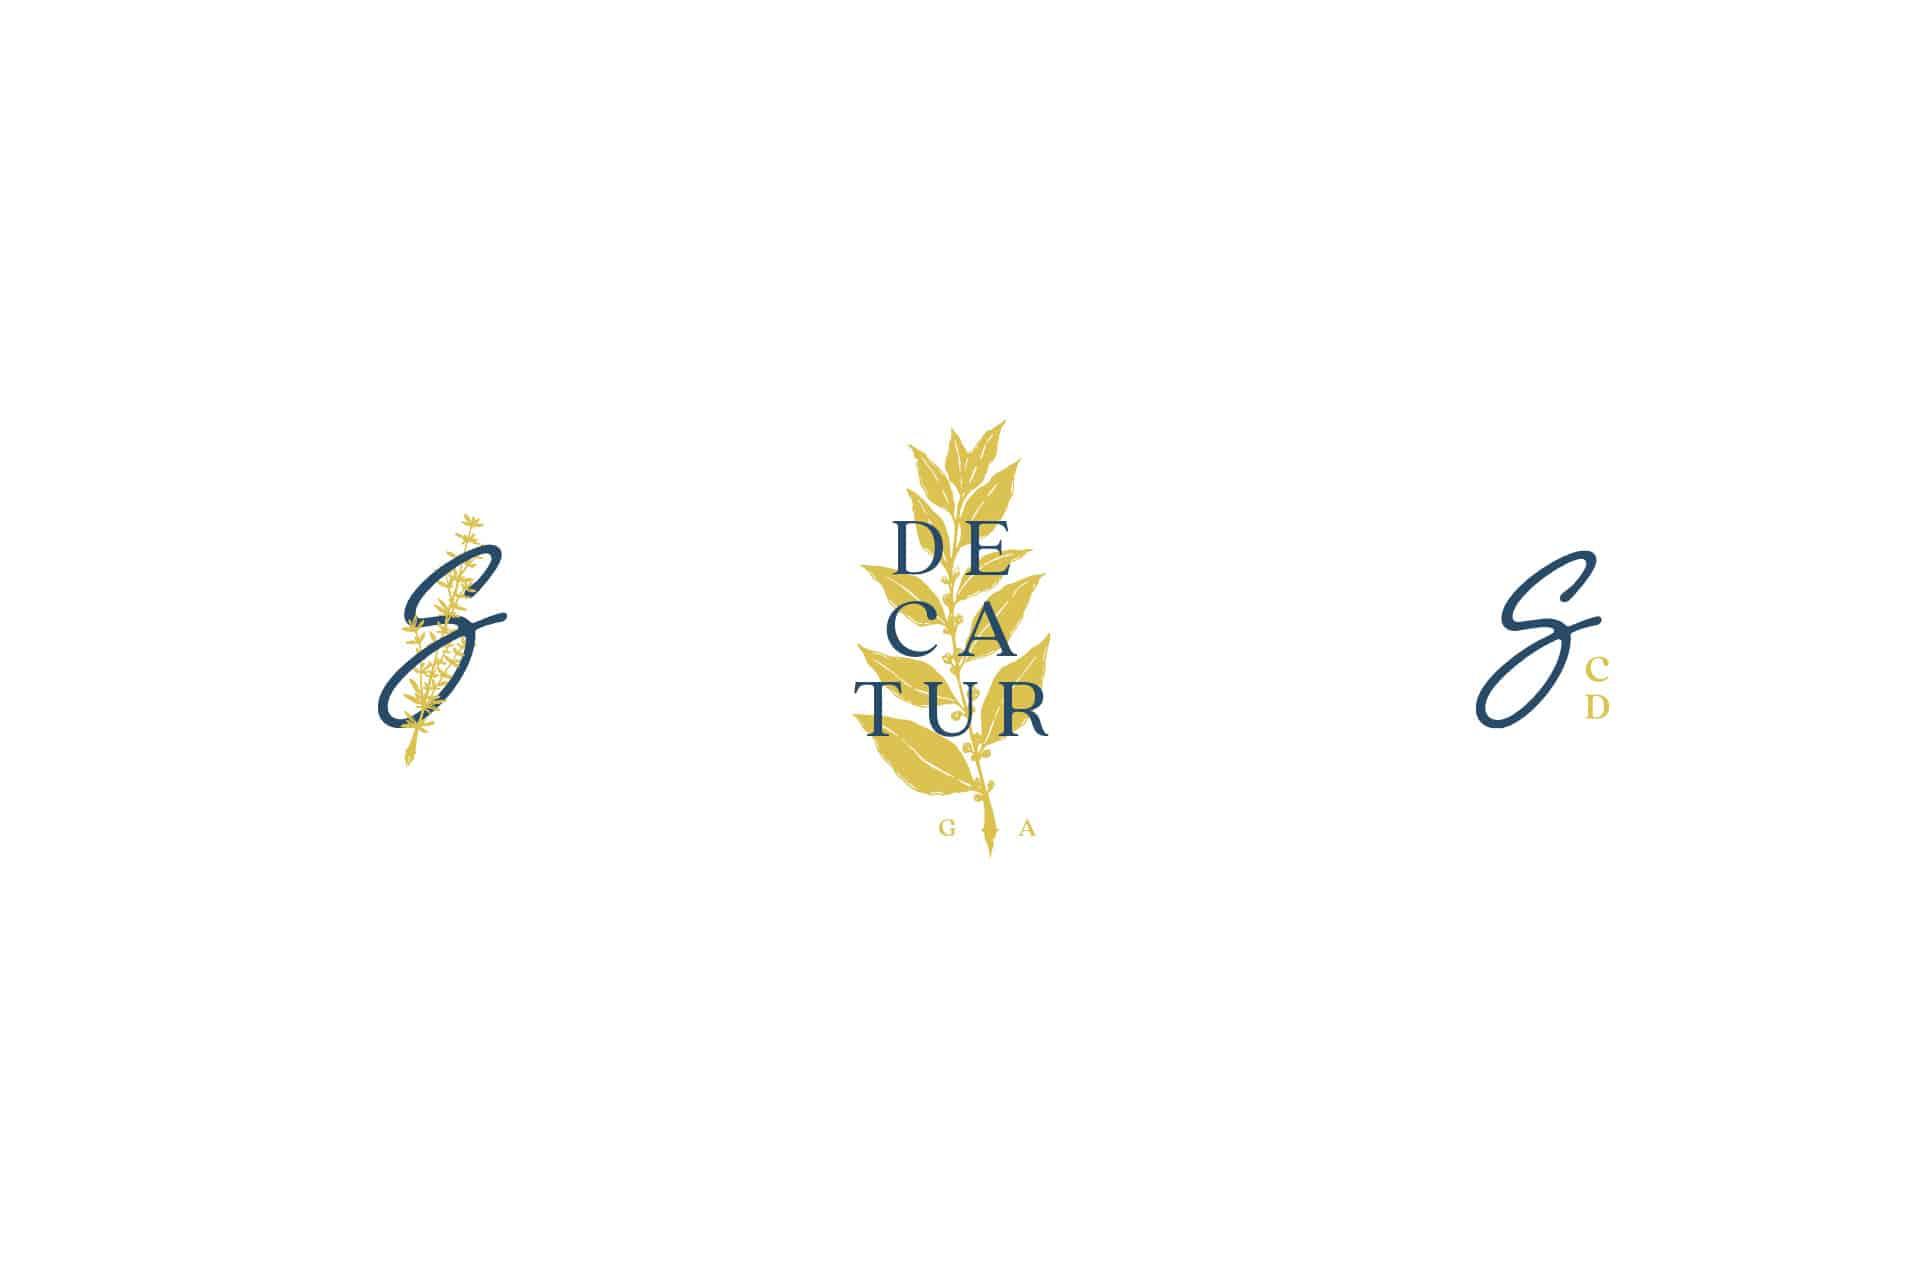 Socialite full service restaurant branding logo design